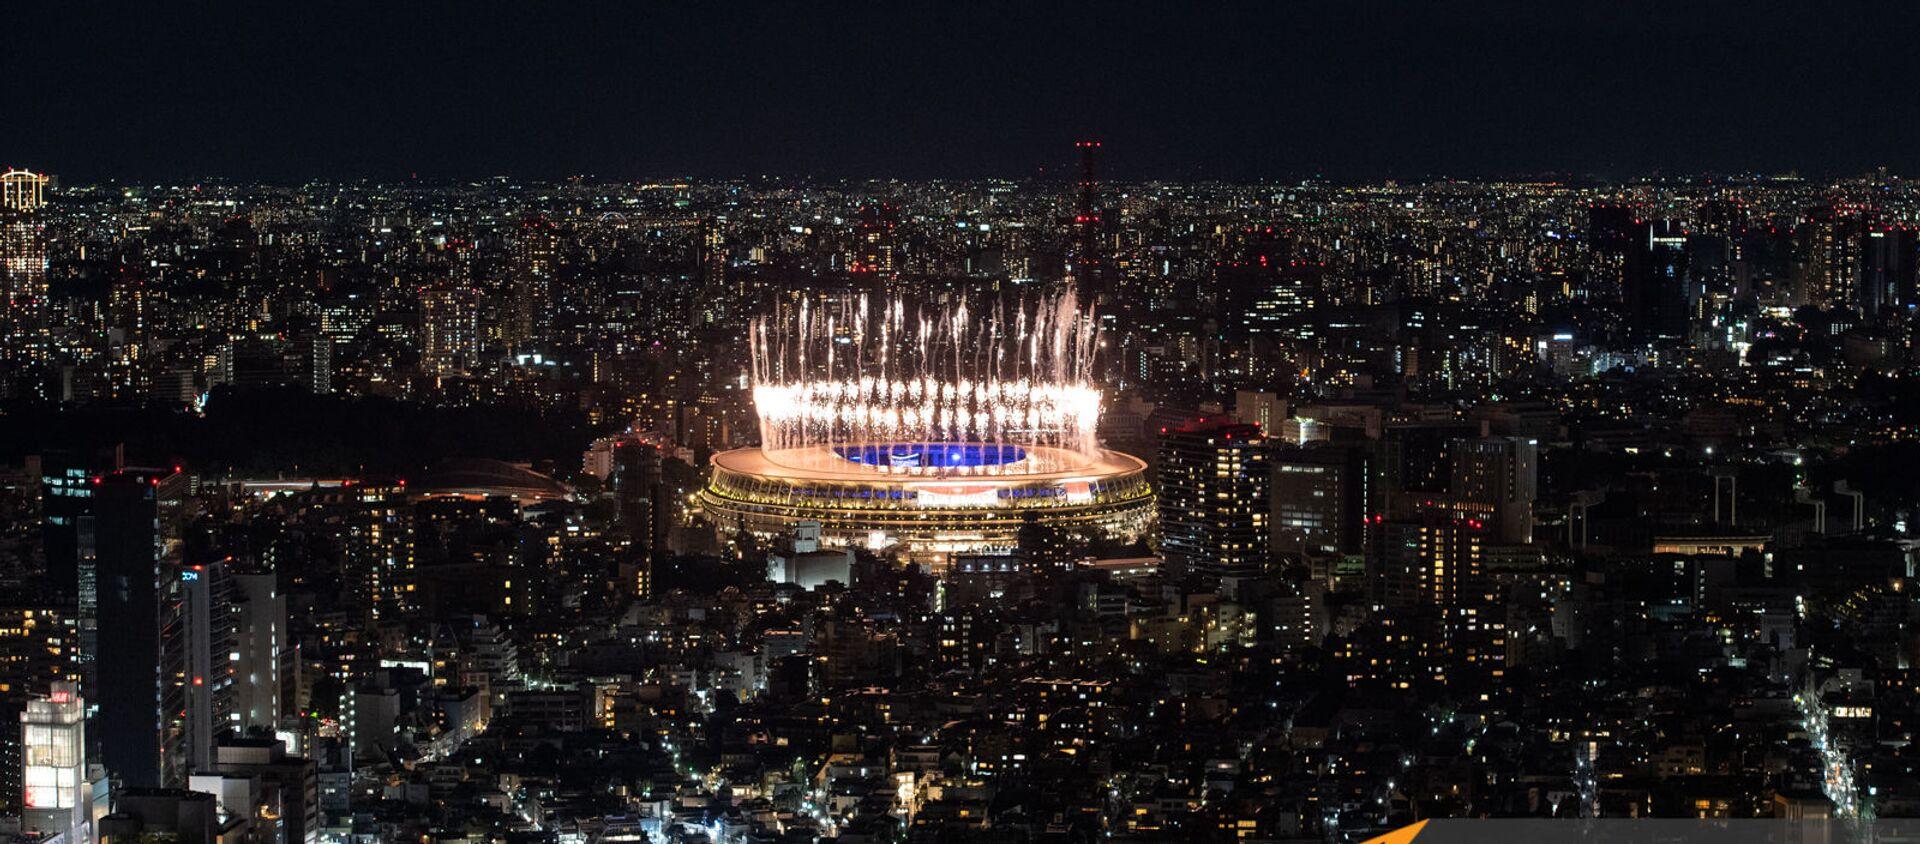 32–րդ ամառային օլիմպիական խաղերի փակման հանդիսավոր արարողության հրավառությունը - Sputnik Արմենիա, 1920, 08.08.2021